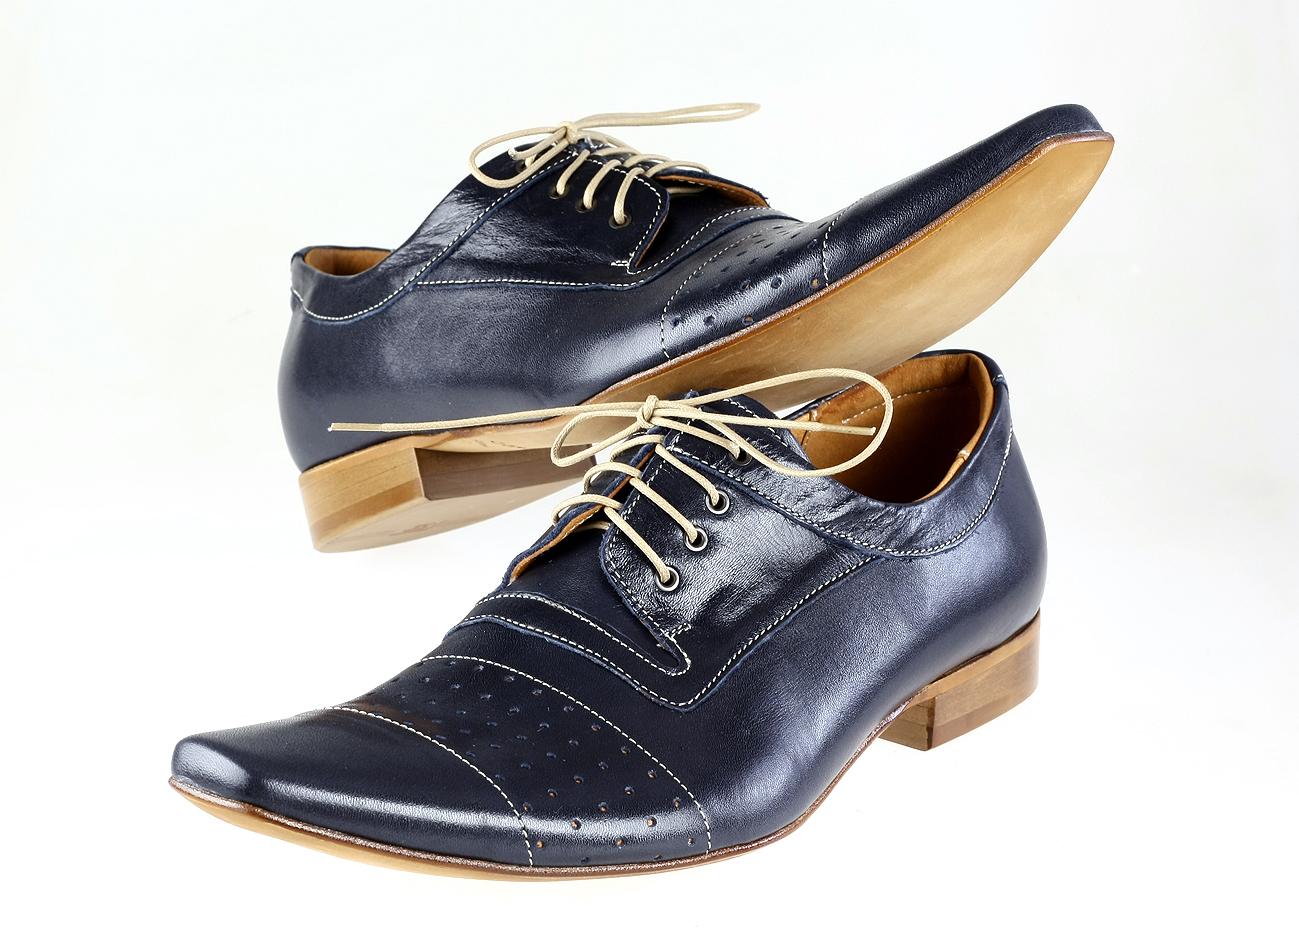 a78571cce2 TOPOBUV - Pánska spoločenská obuv 198b 91 Blue arcadia